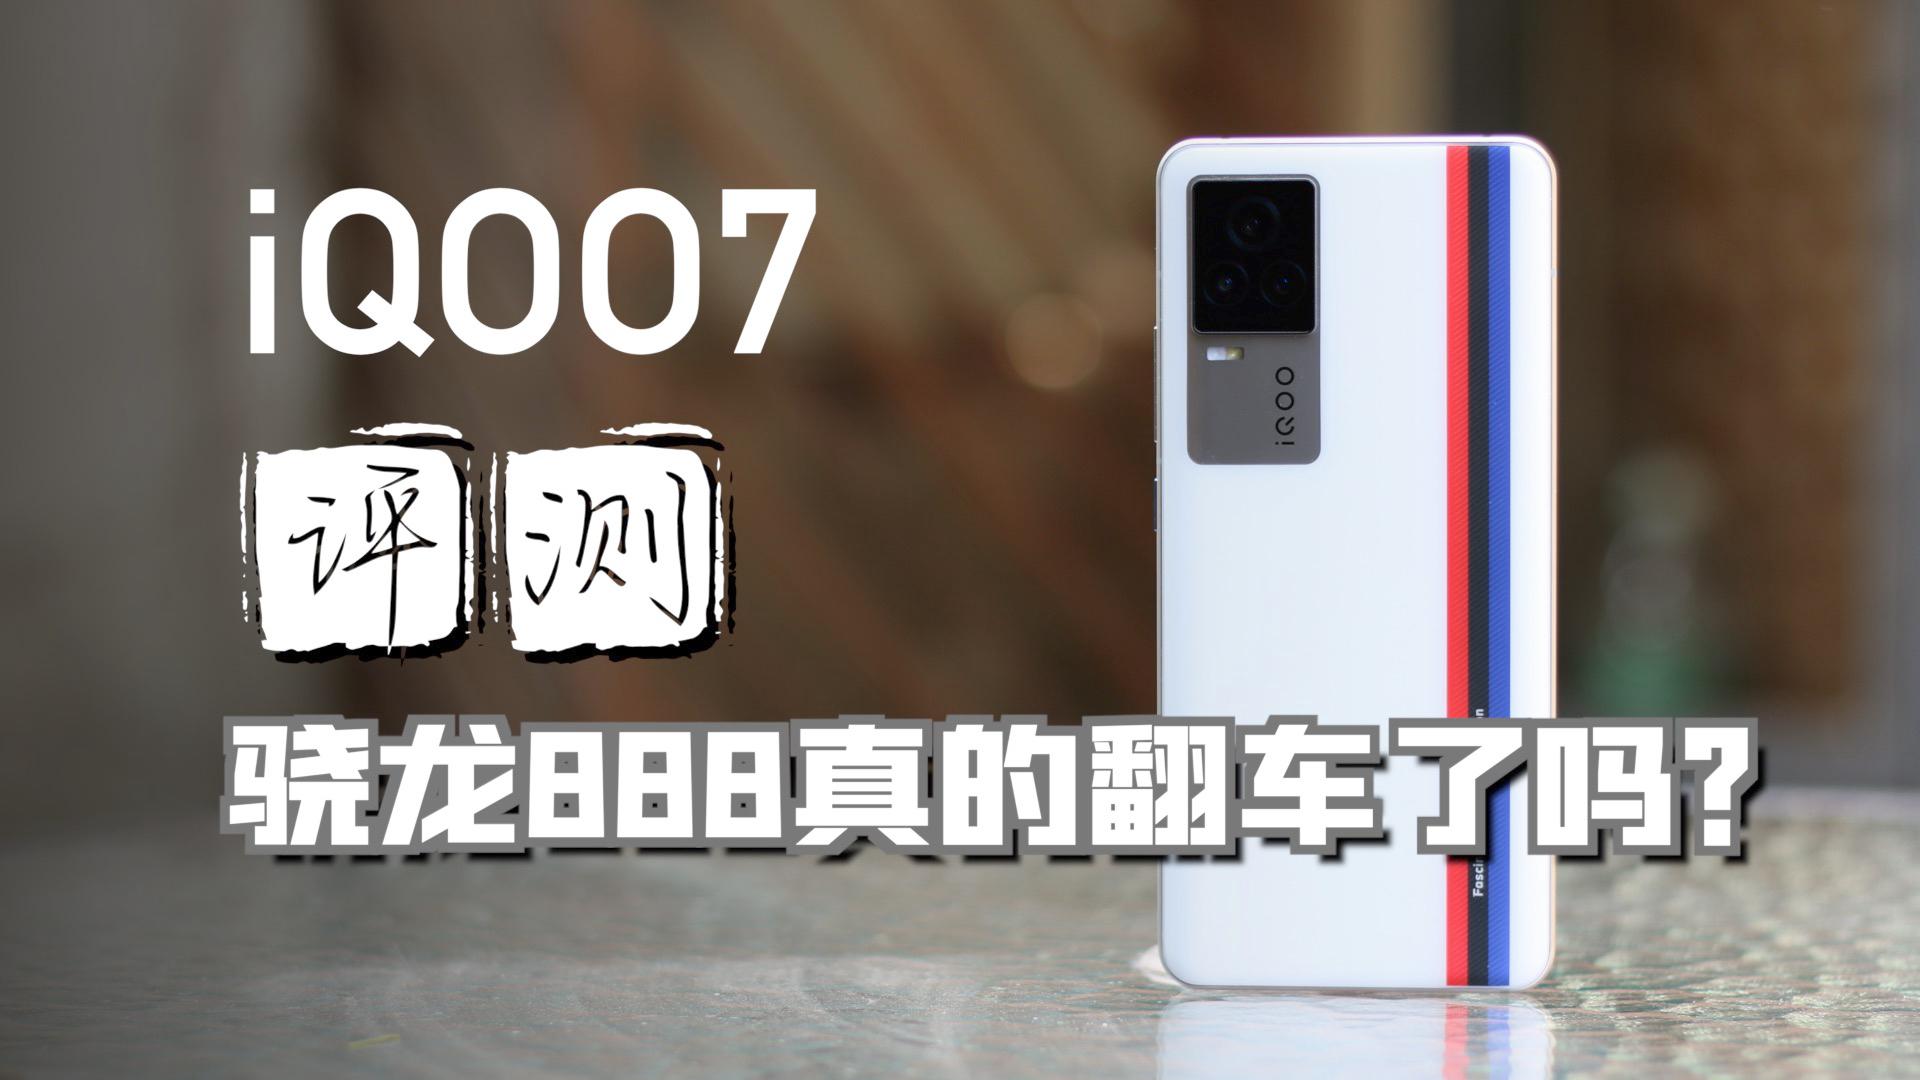 iQOO7深度评测,骁龙888真的翻车了吗?【新评科技】